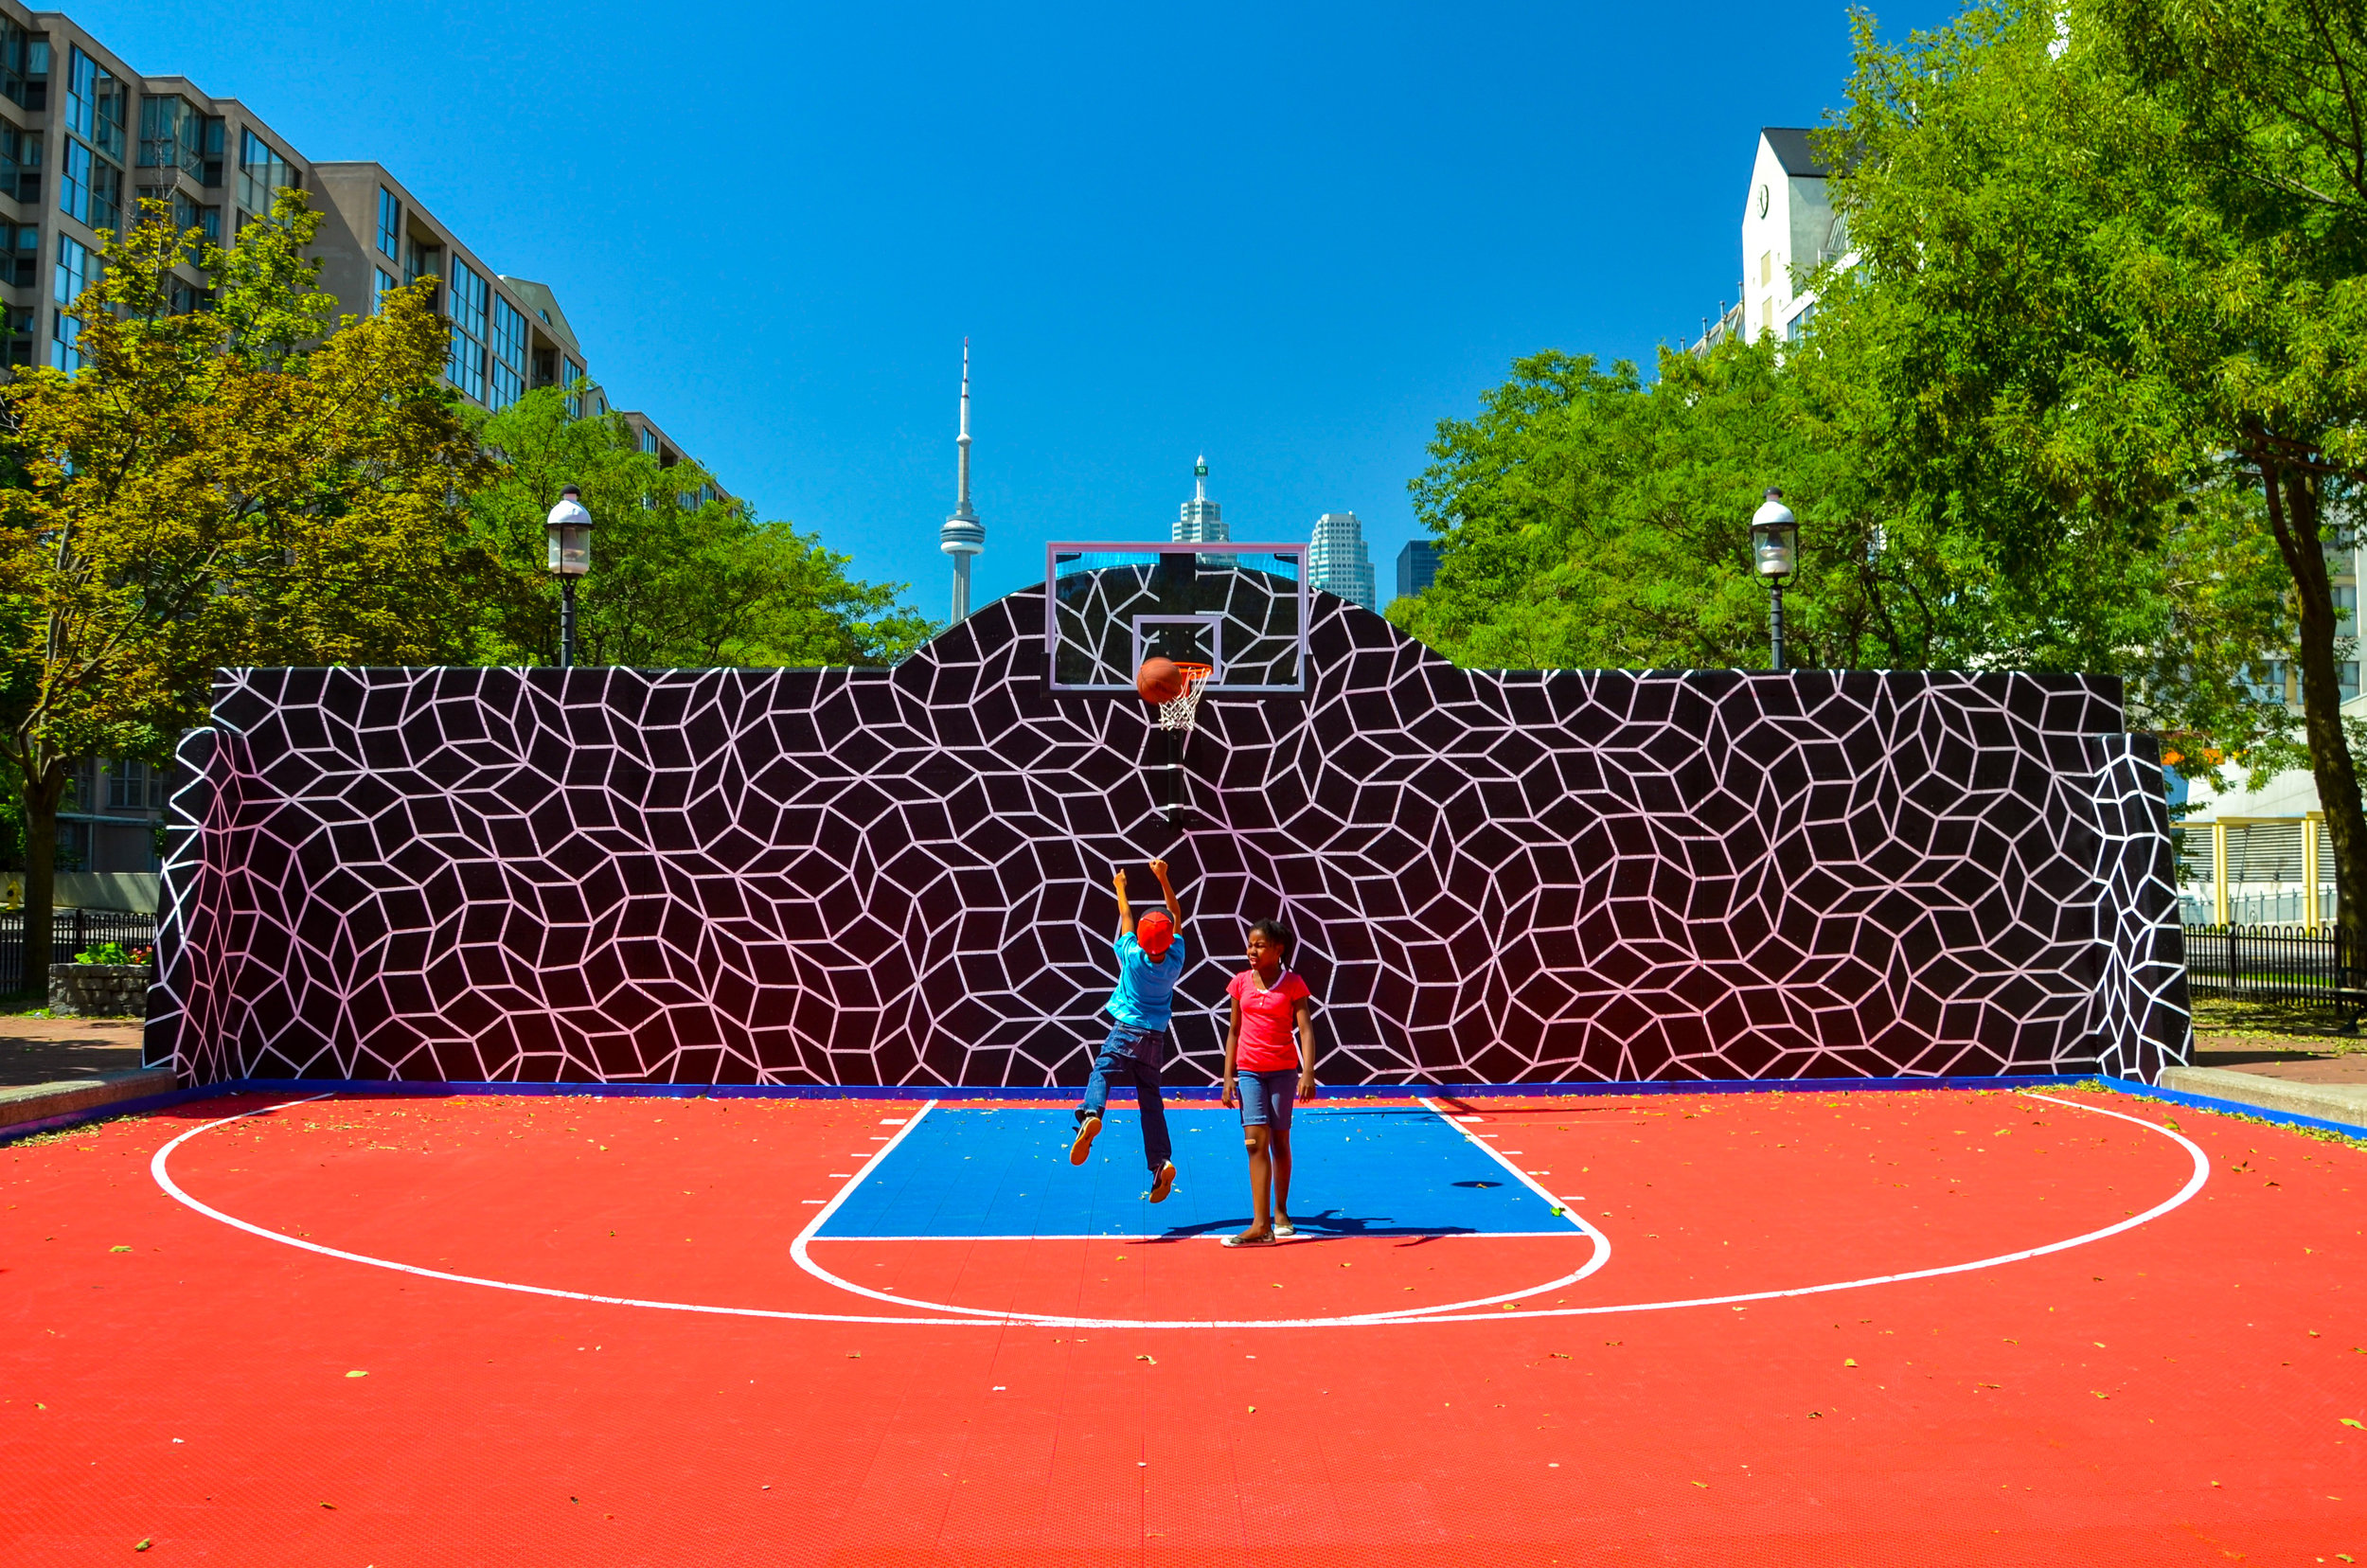 Basket ball court mural